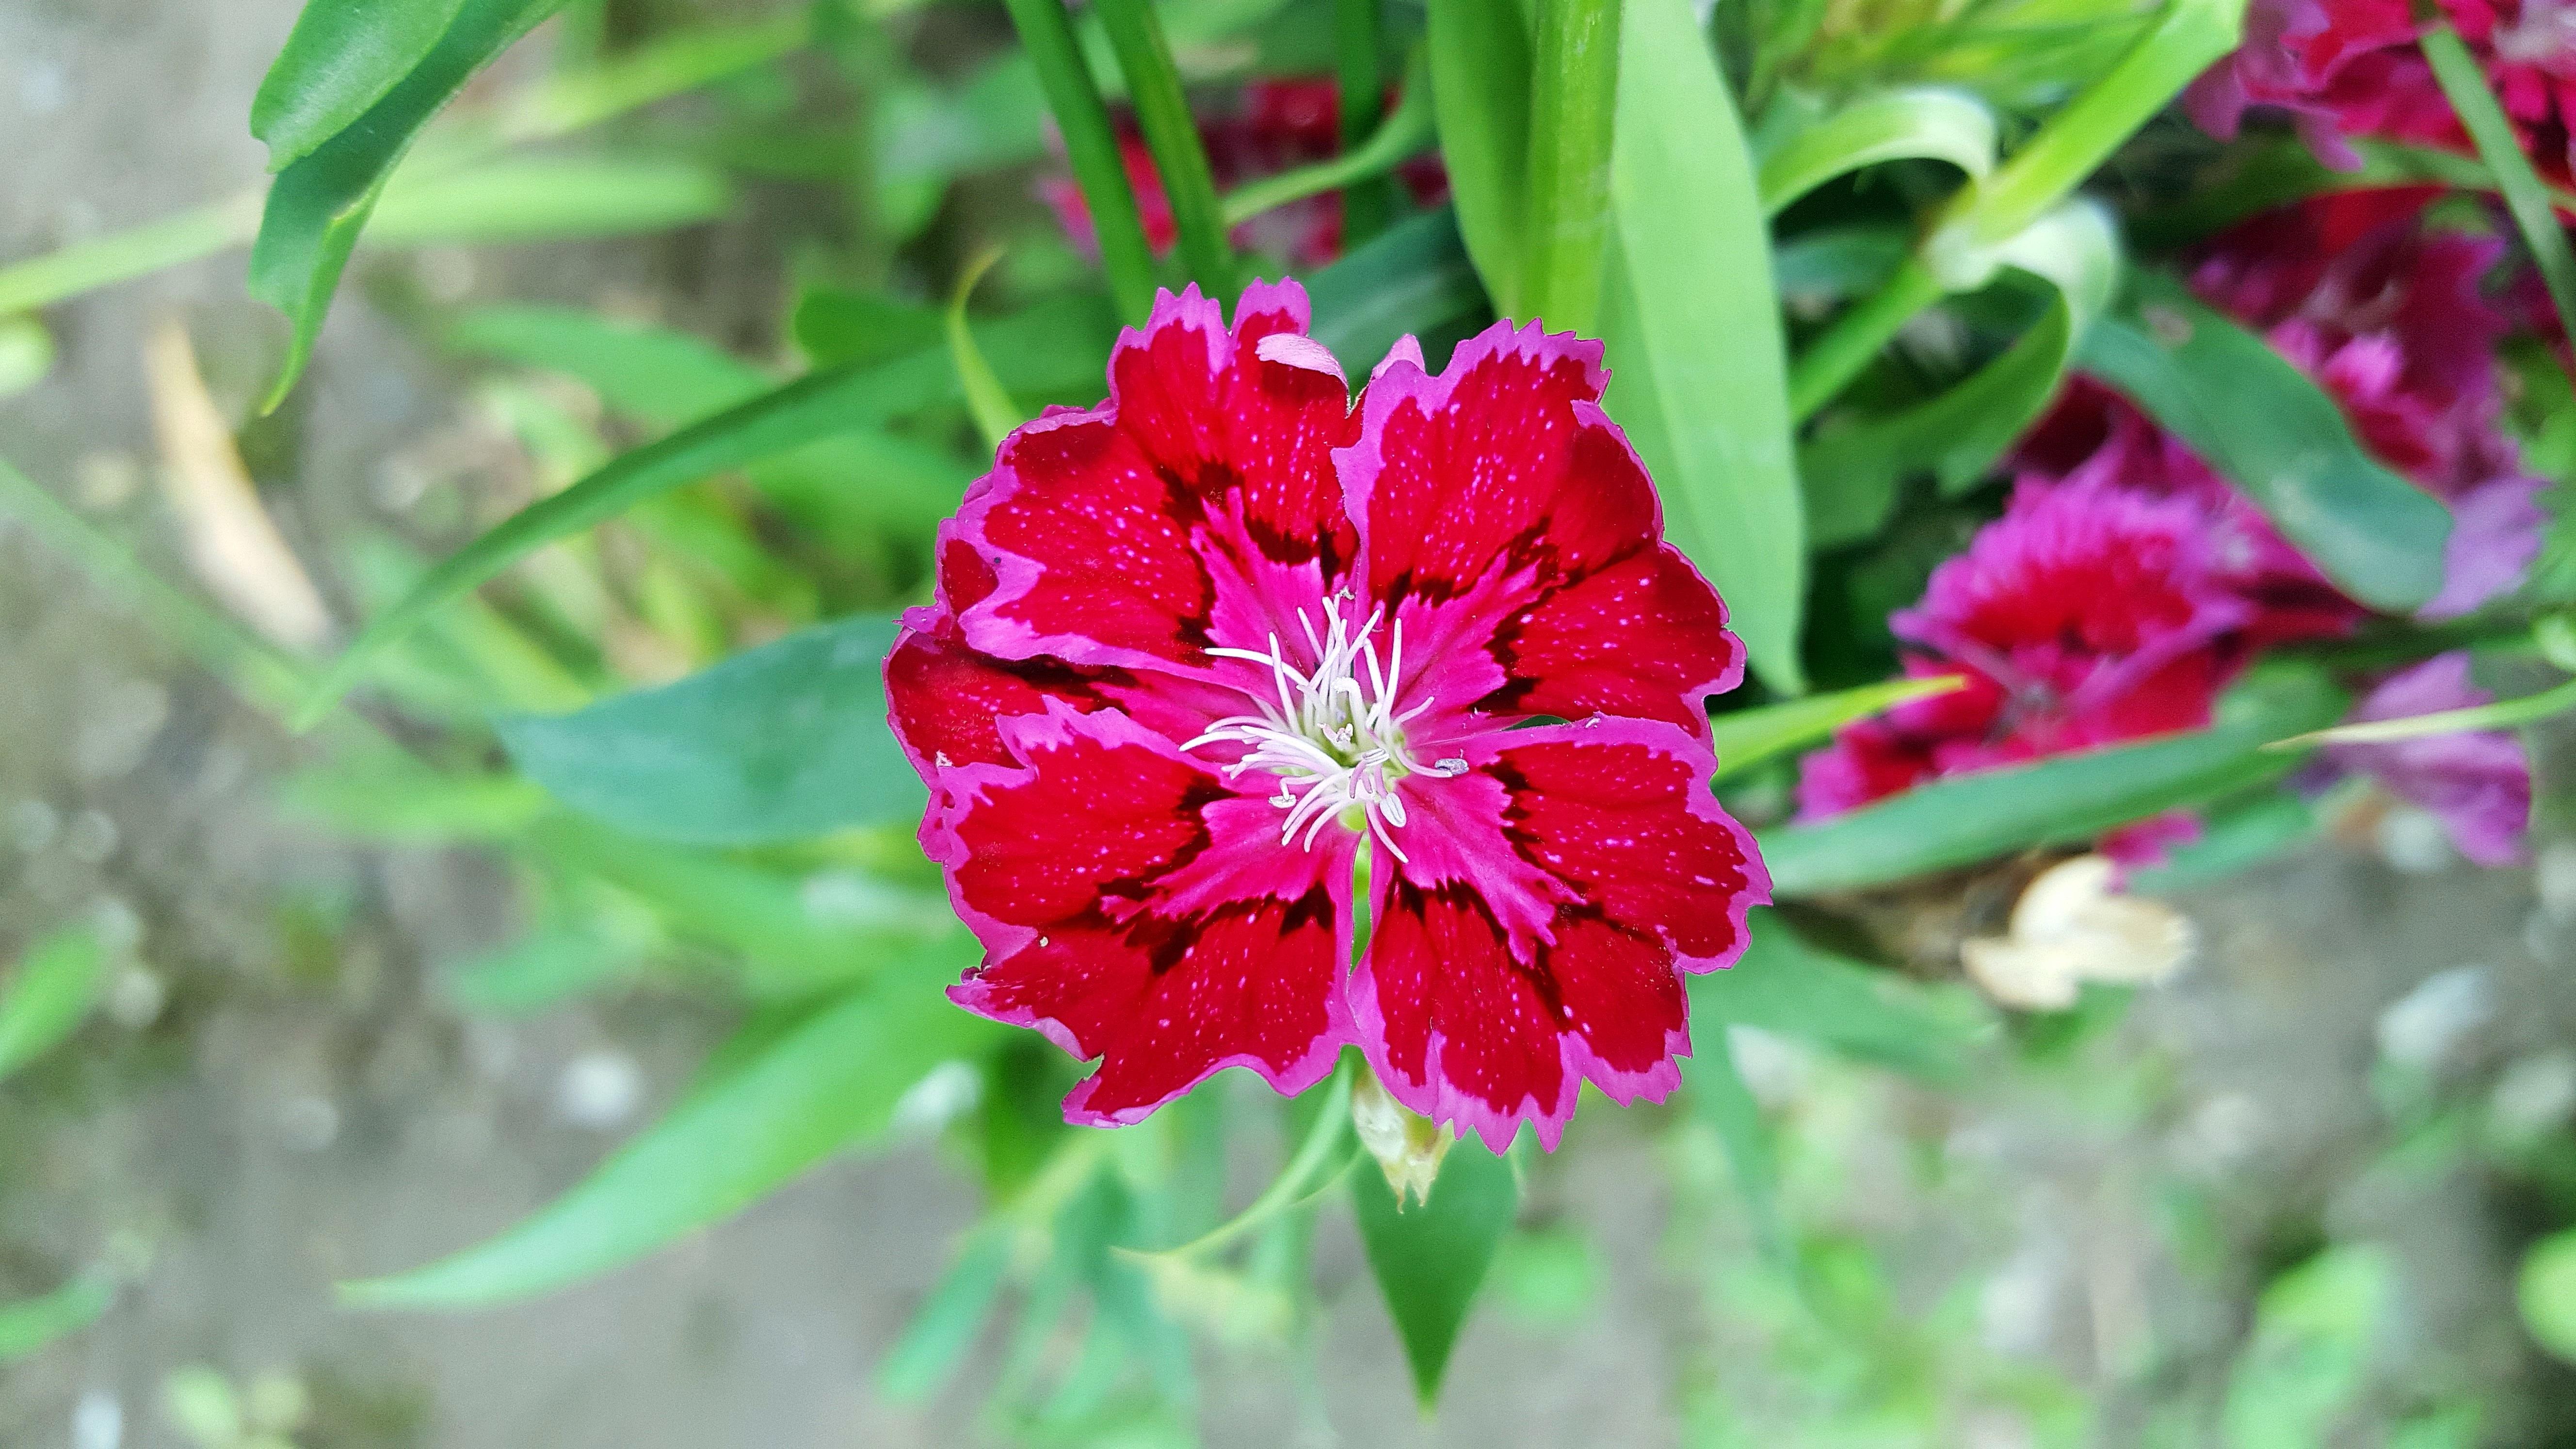 Free Images Nature Blossom Natural Botany Flora Season